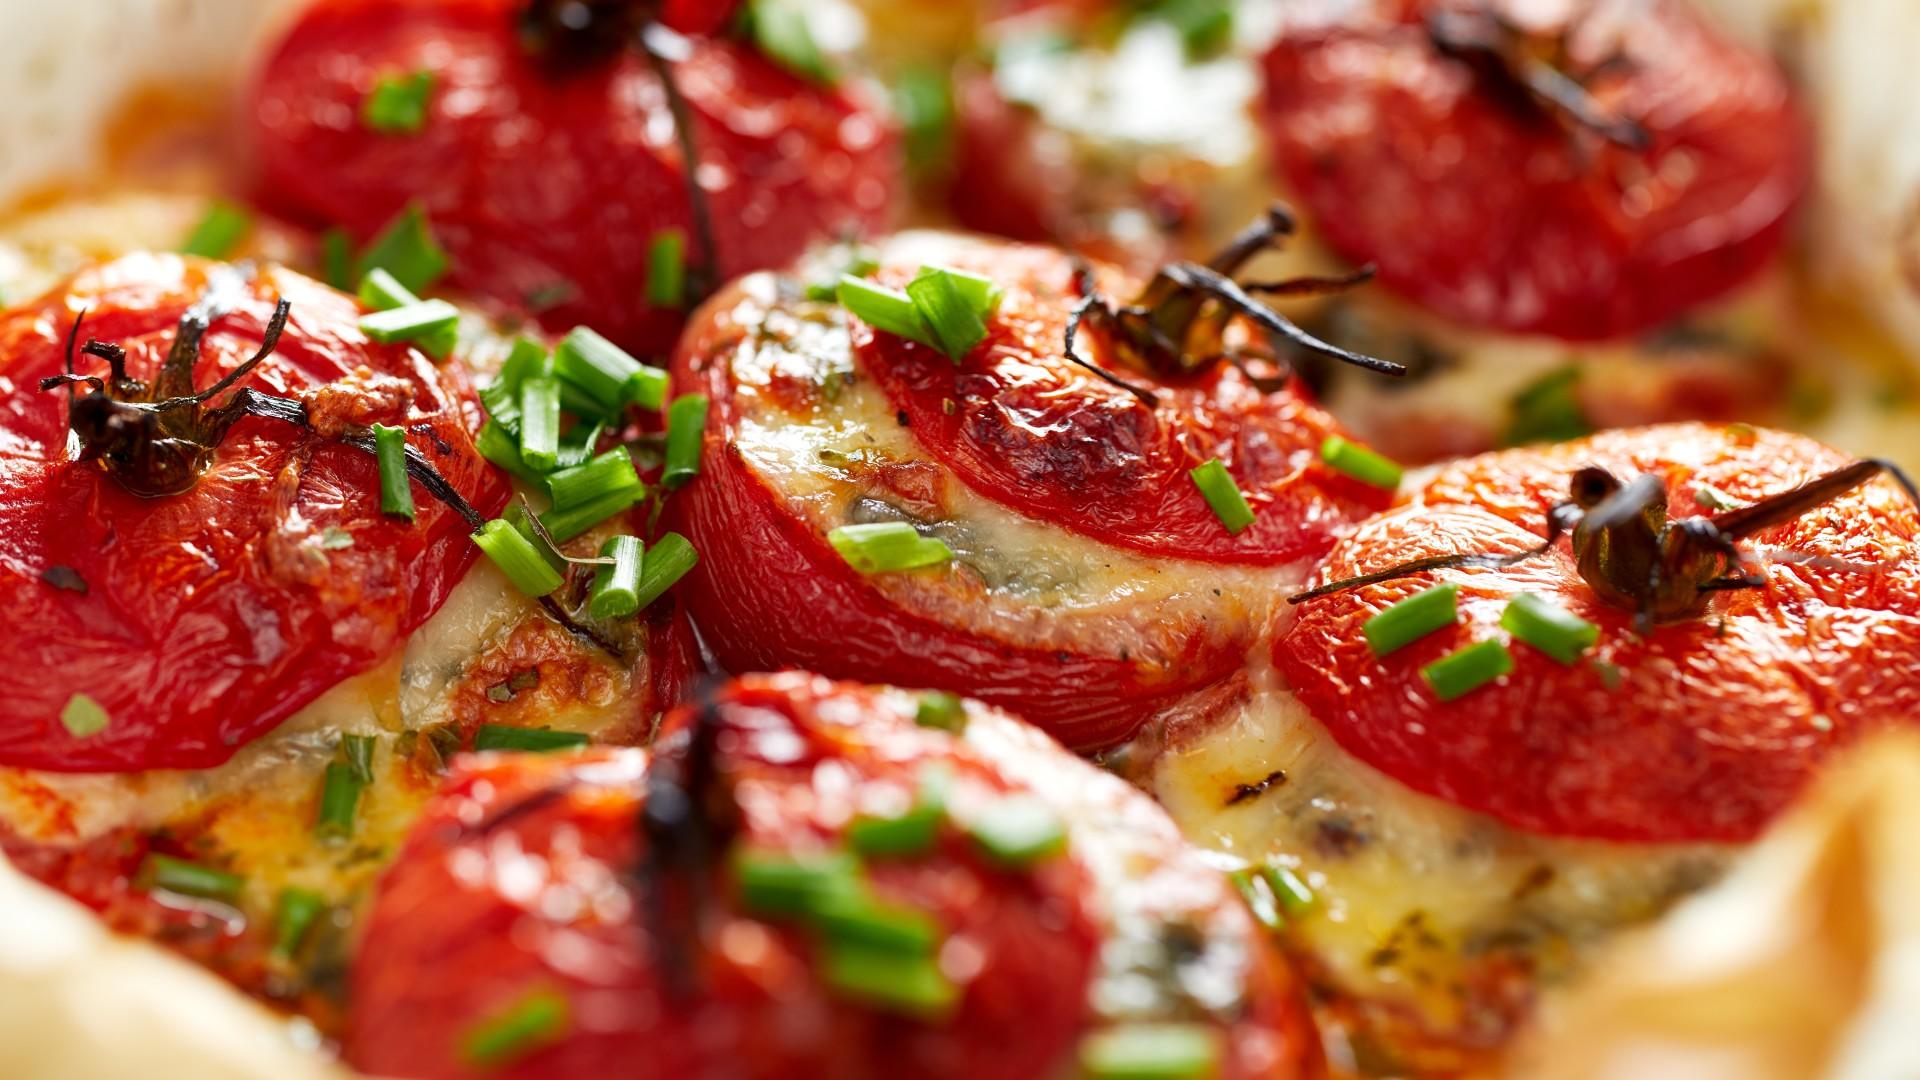 Yemista, Griekse gevulde tomaten, in Ikaria, Griekenland